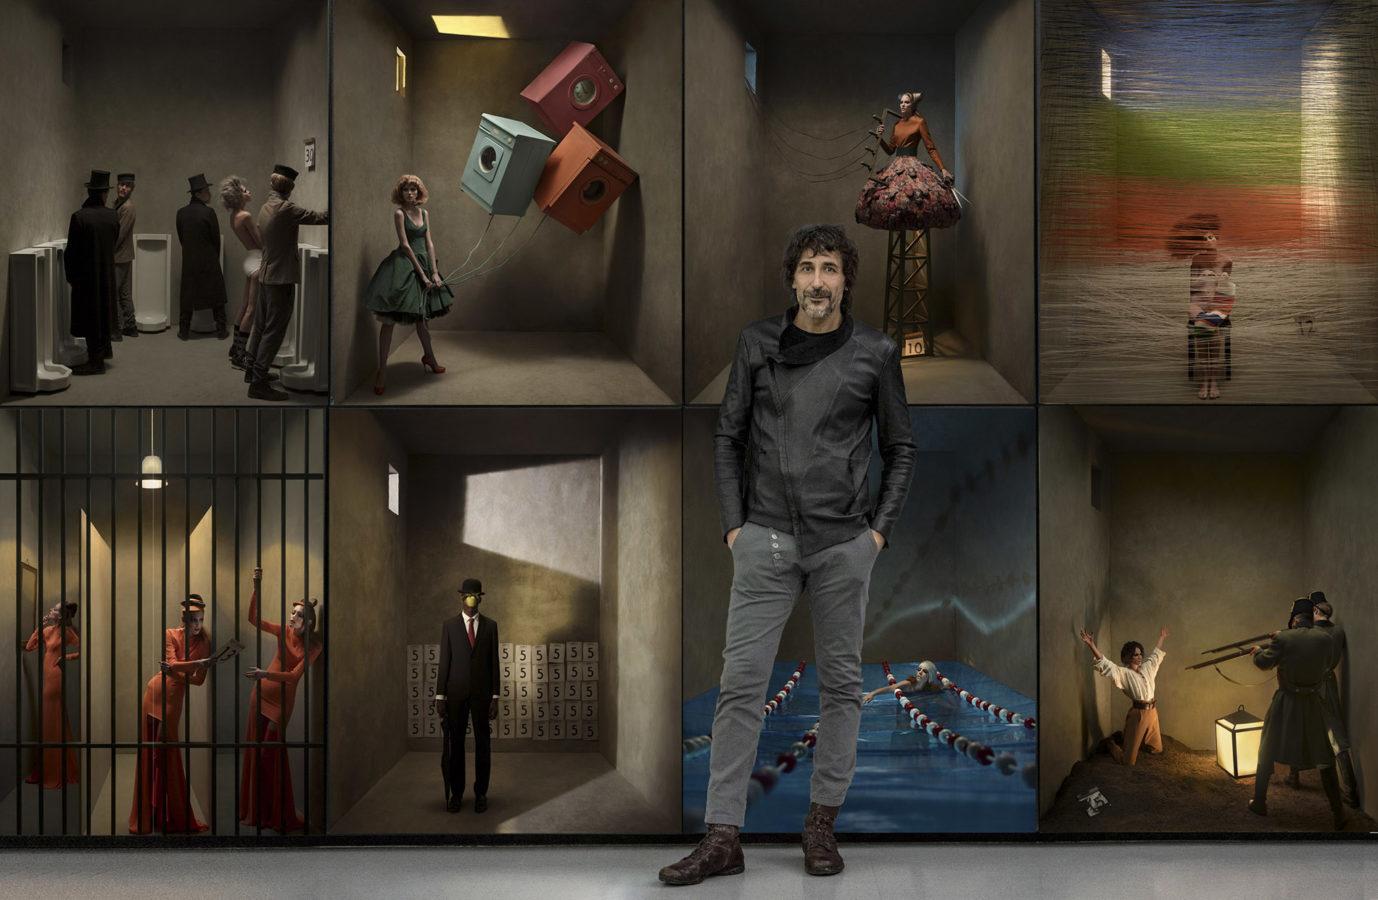 Take a tour through the Lightbox Exhibition 365° by Eugenio Recuenco